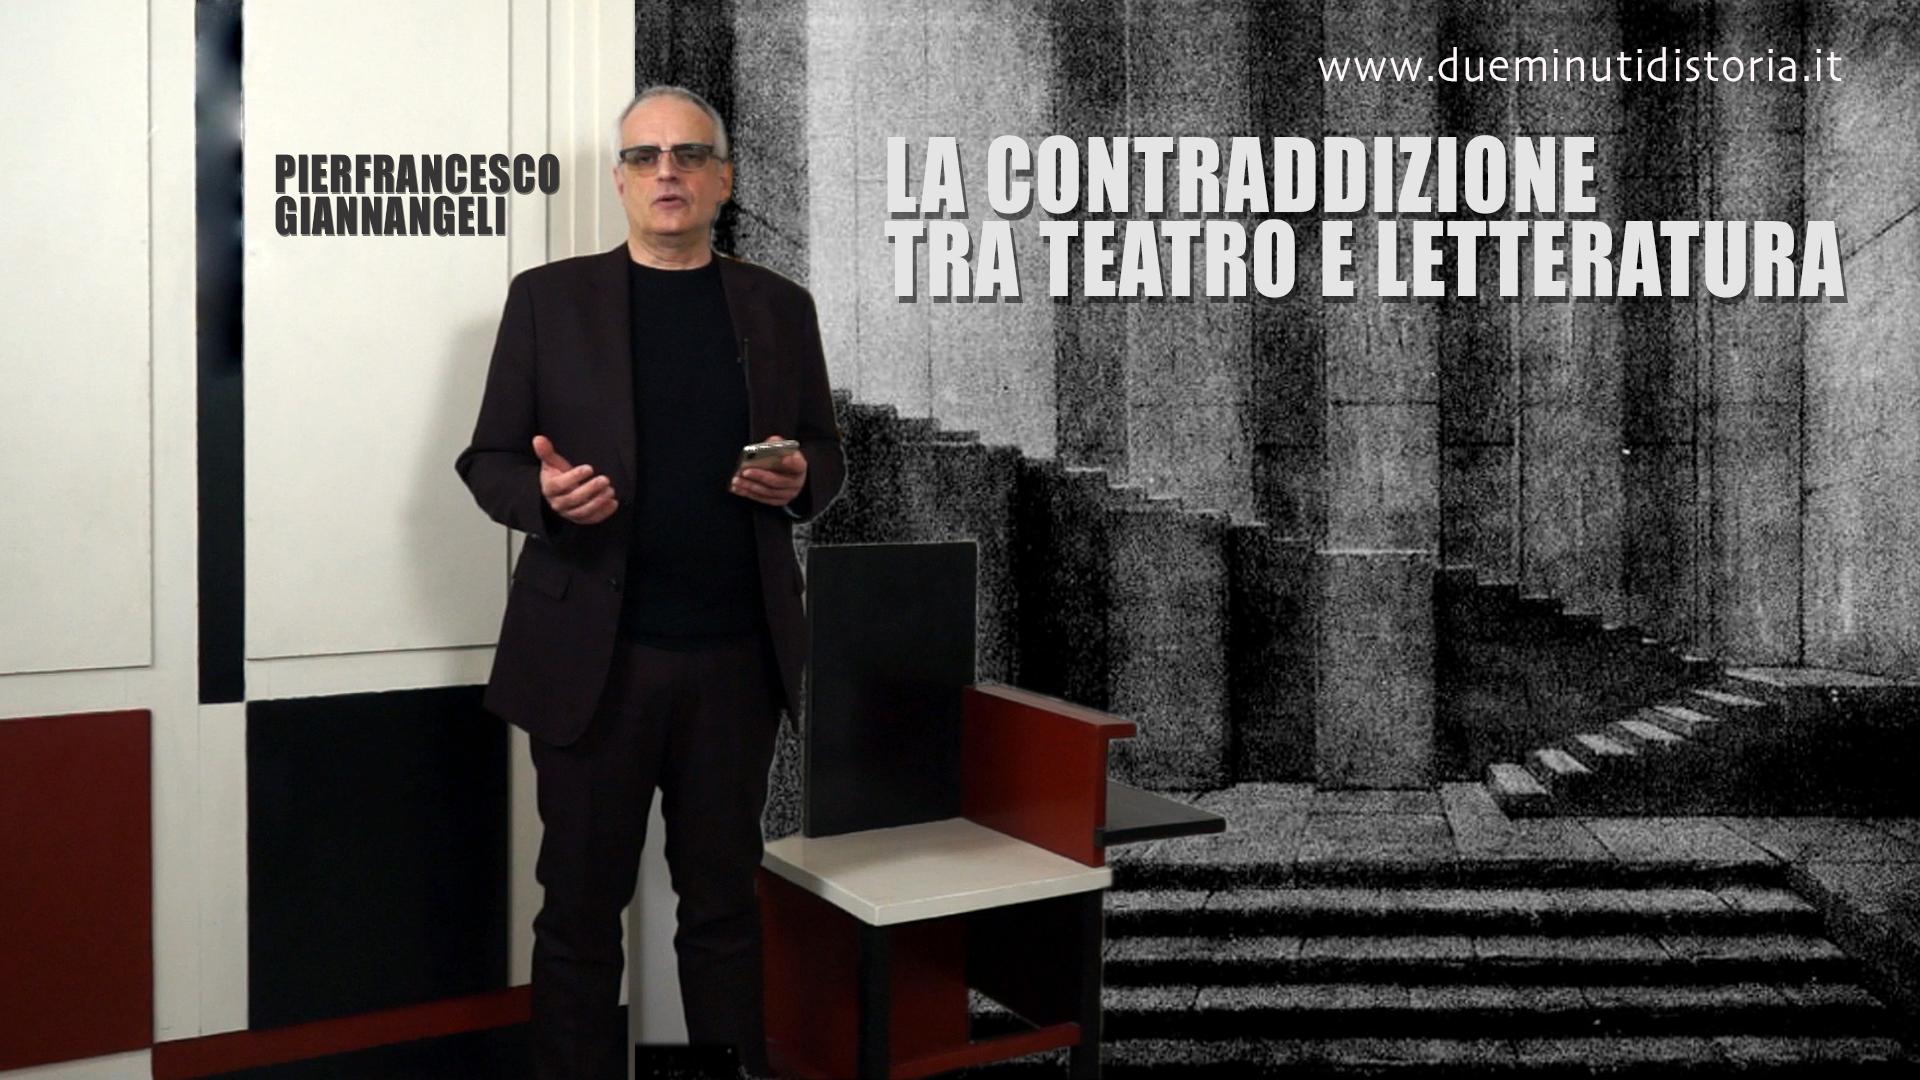 La contraddizione tra teatro e letteratura